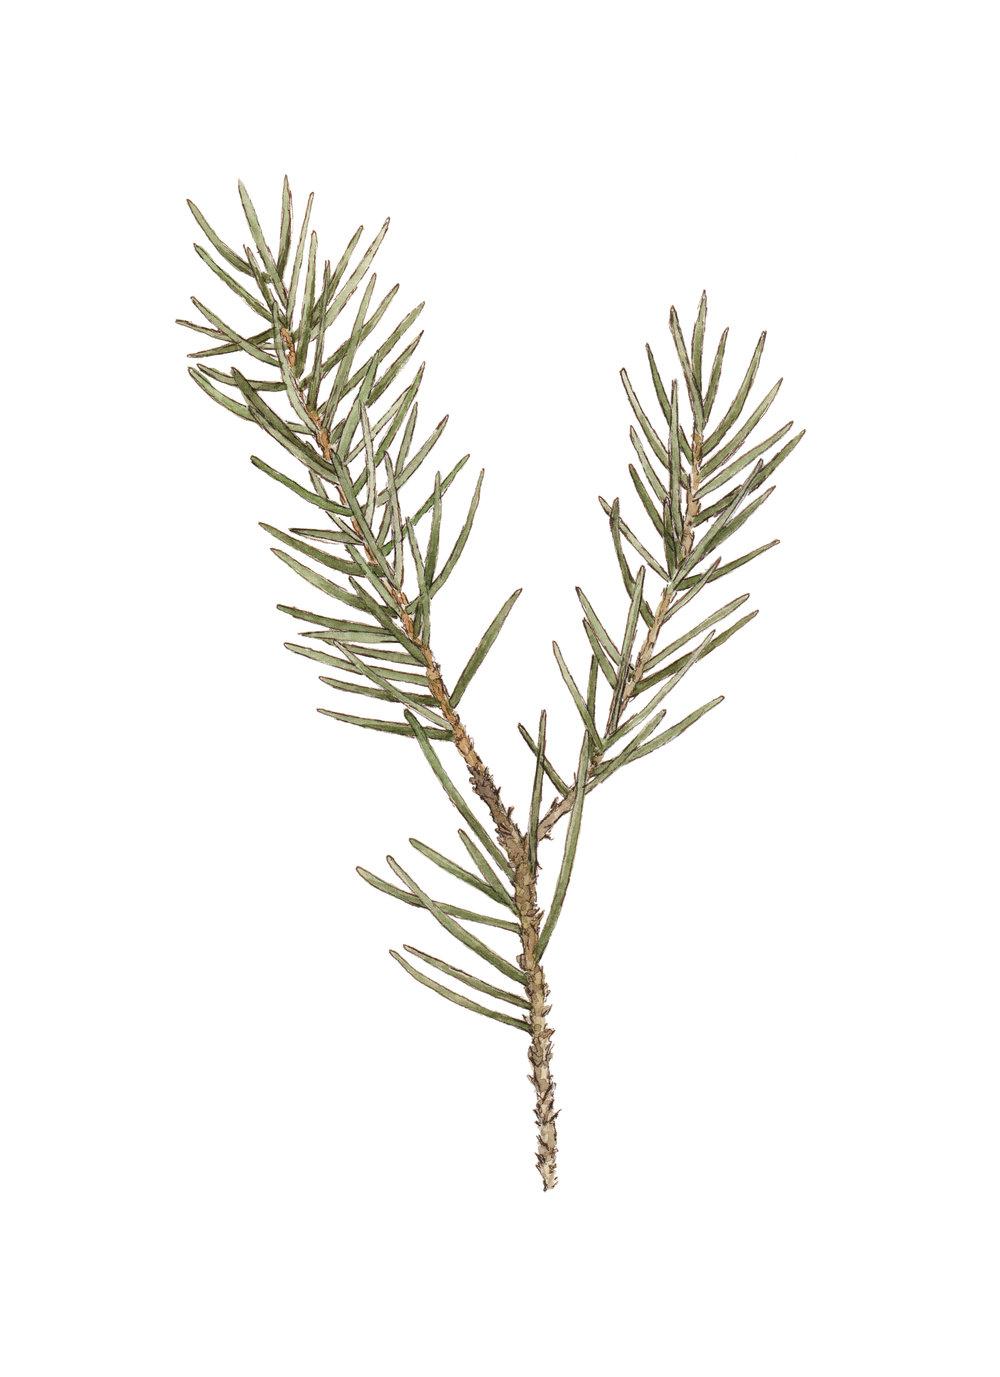 pine sprig 1a.jpg